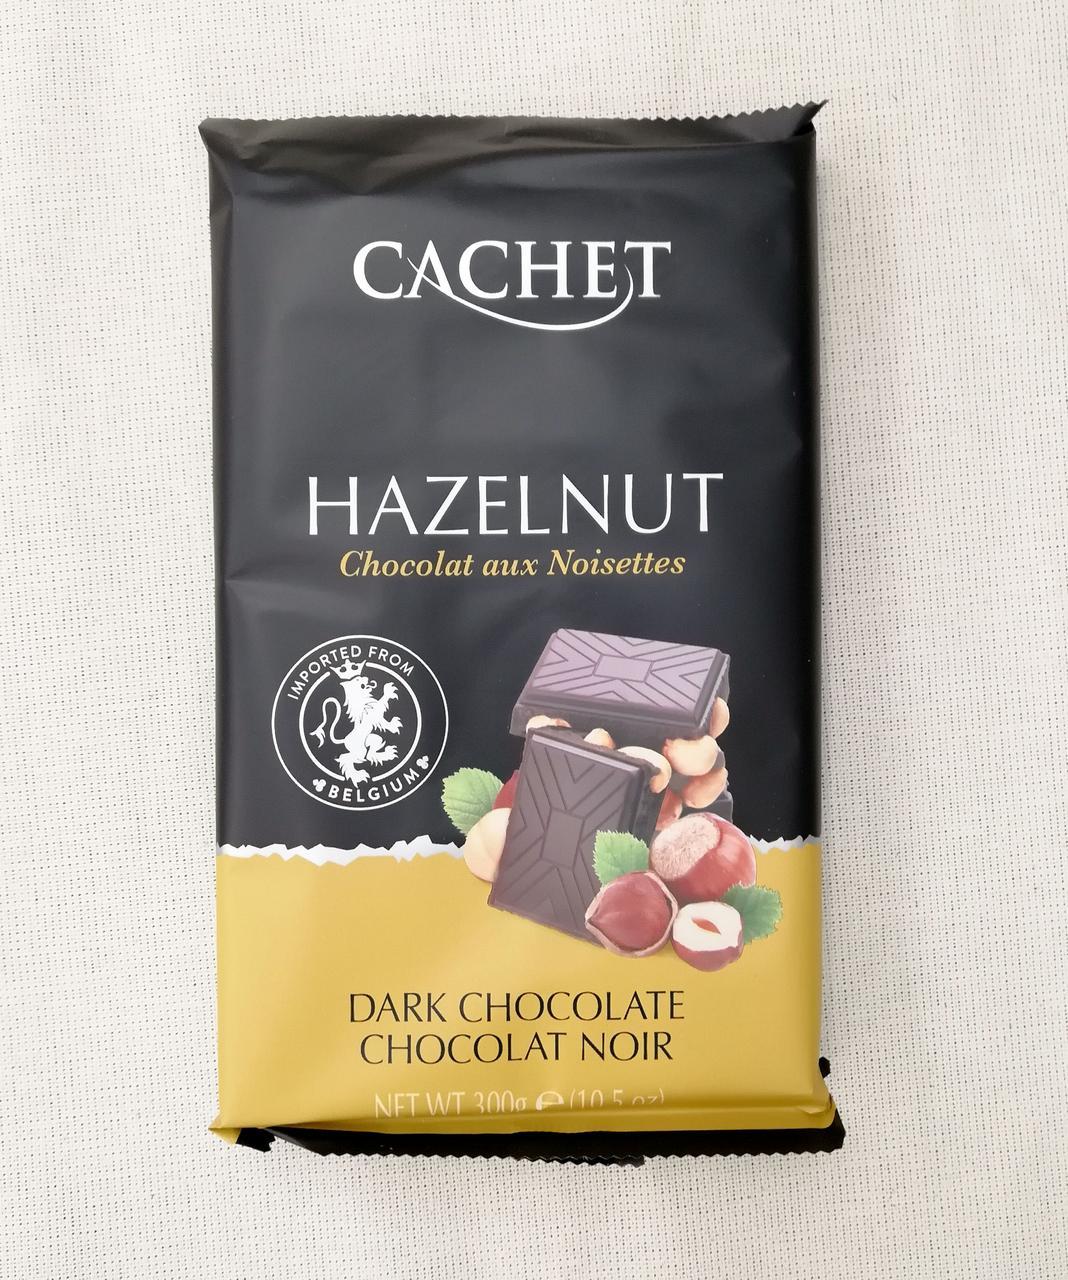 Cachet Dark chocolate Hazelnut 300 gramm